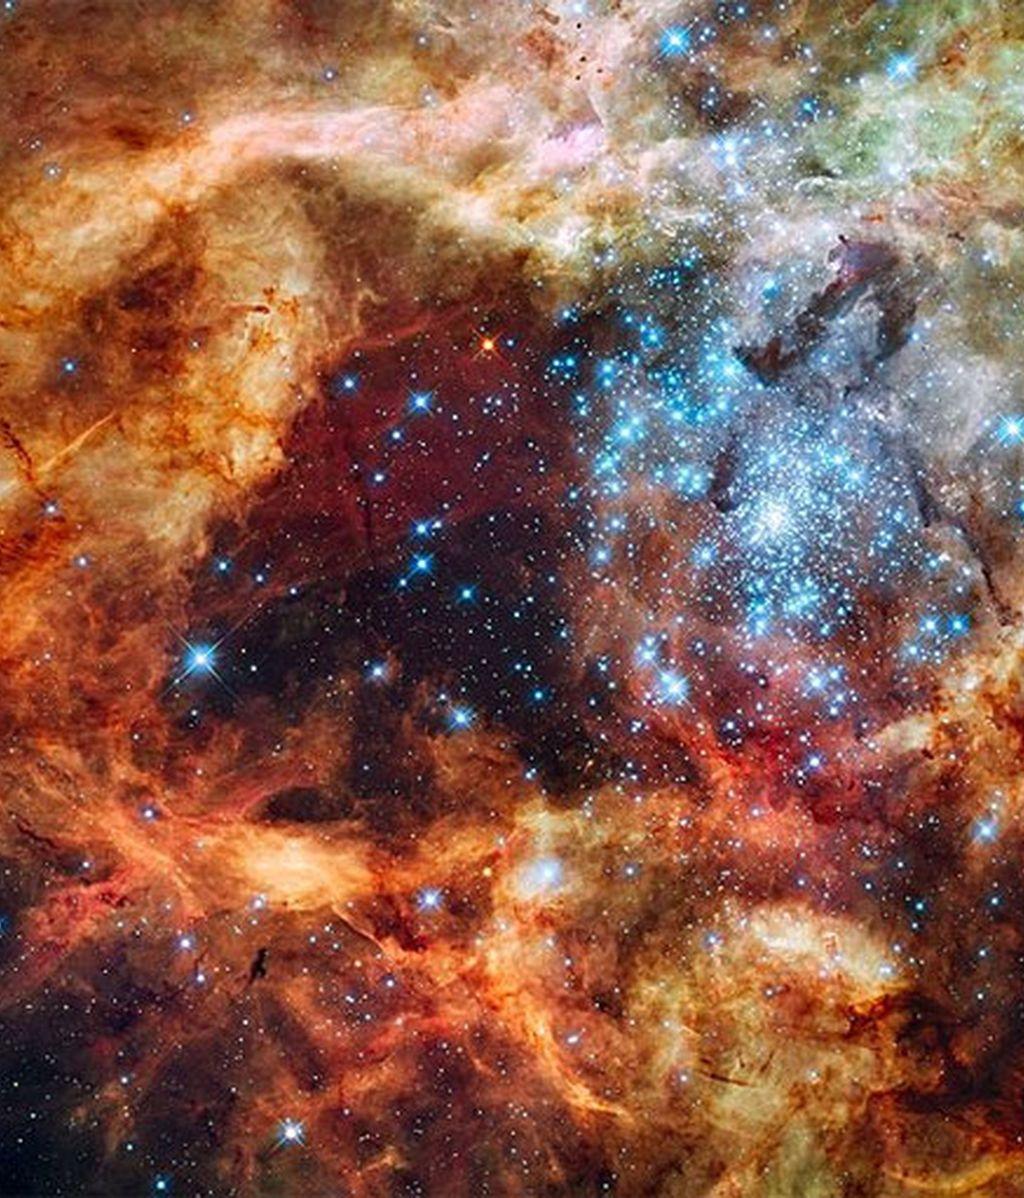 La estrella, denominada R136a, a unos 165.000 años luz de distancia, tiene una masa actual de 265 masas solares. Foto: Hubble Space Telescope.